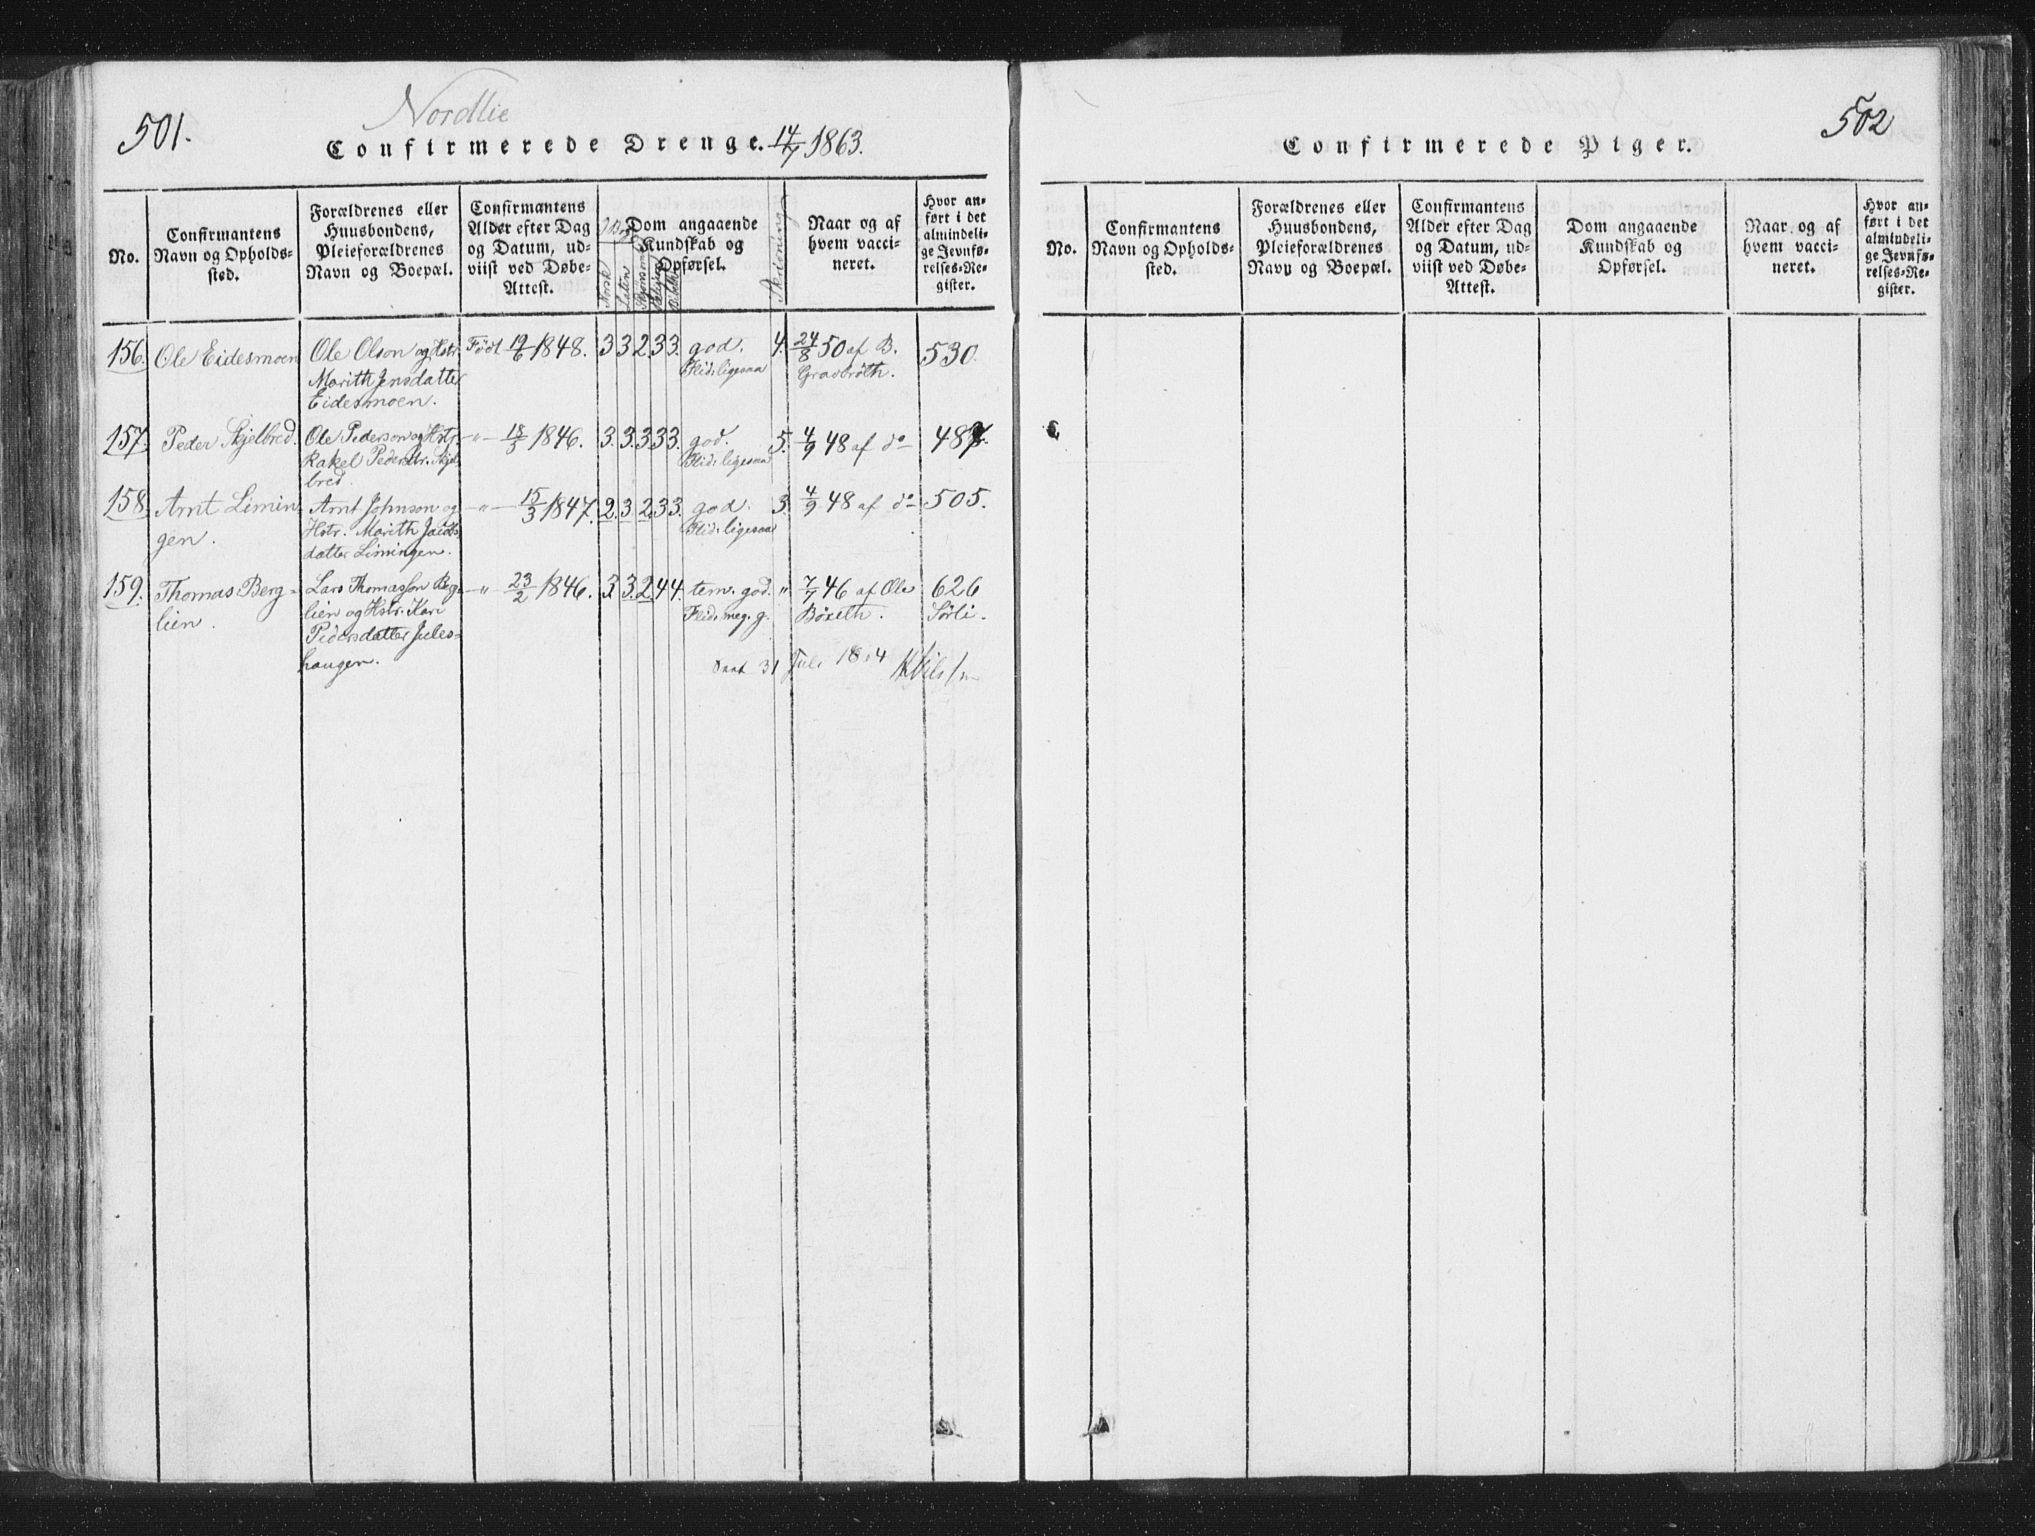 SAT, Ministerialprotokoller, klokkerbøker og fødselsregistre - Nord-Trøndelag, 755/L0491: Ministerialbok nr. 755A01 /1, 1817-1864, s. 501-502